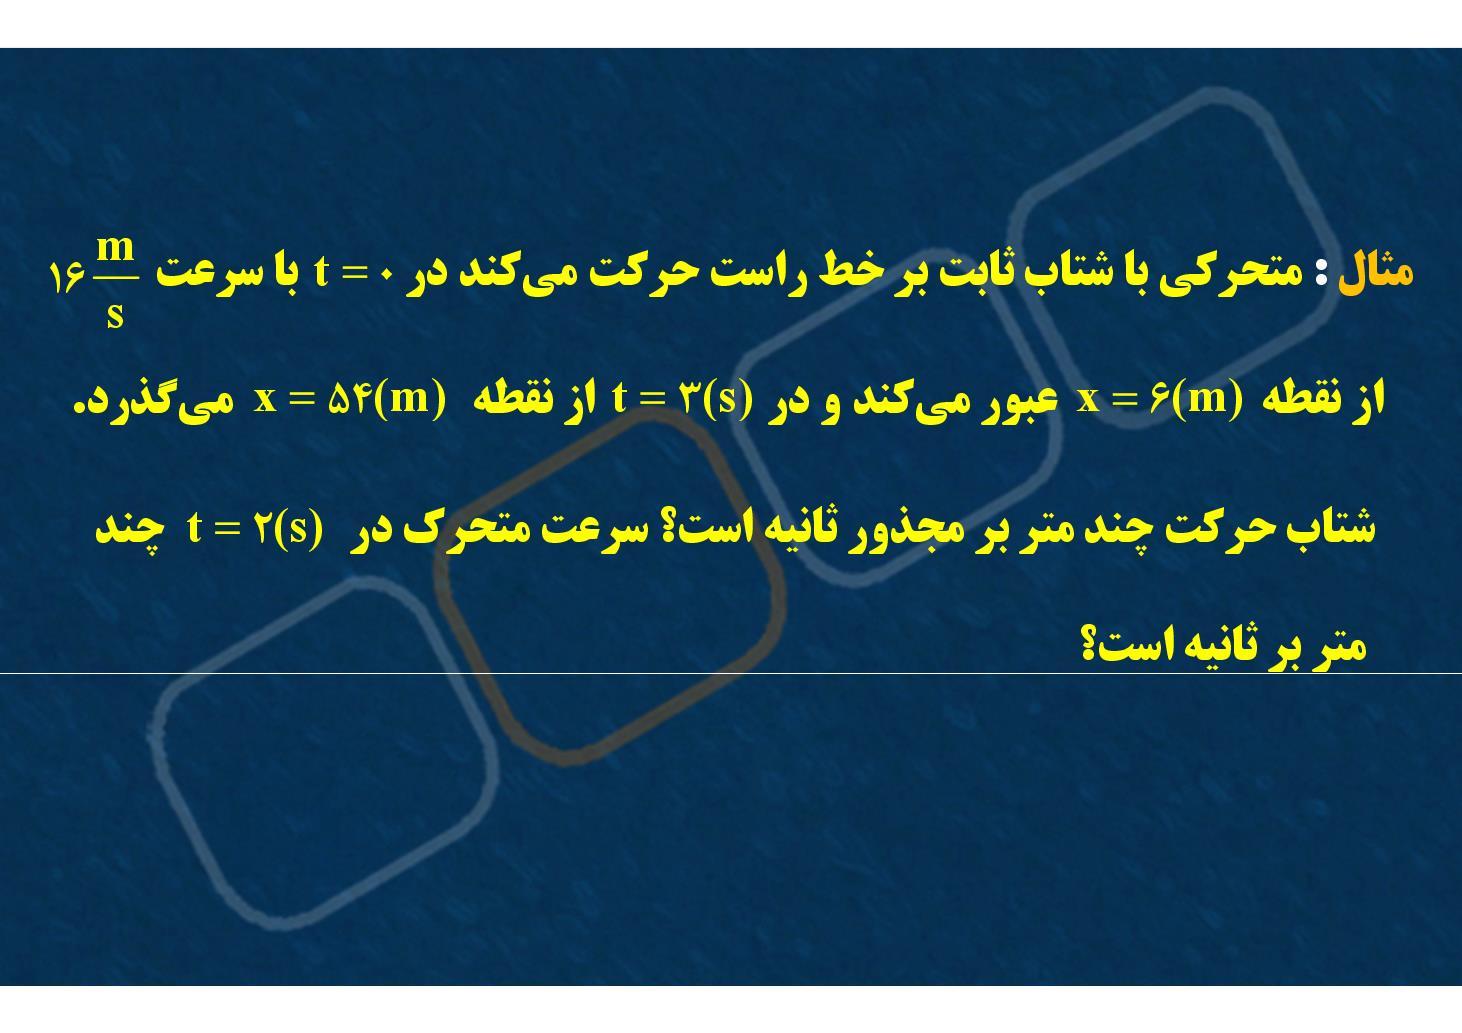 فیزیک٢- فصل ٢- سؤال ترکیبی حرکت با شتاب ثابت روی خط راست- بخش ٢ (PDF)